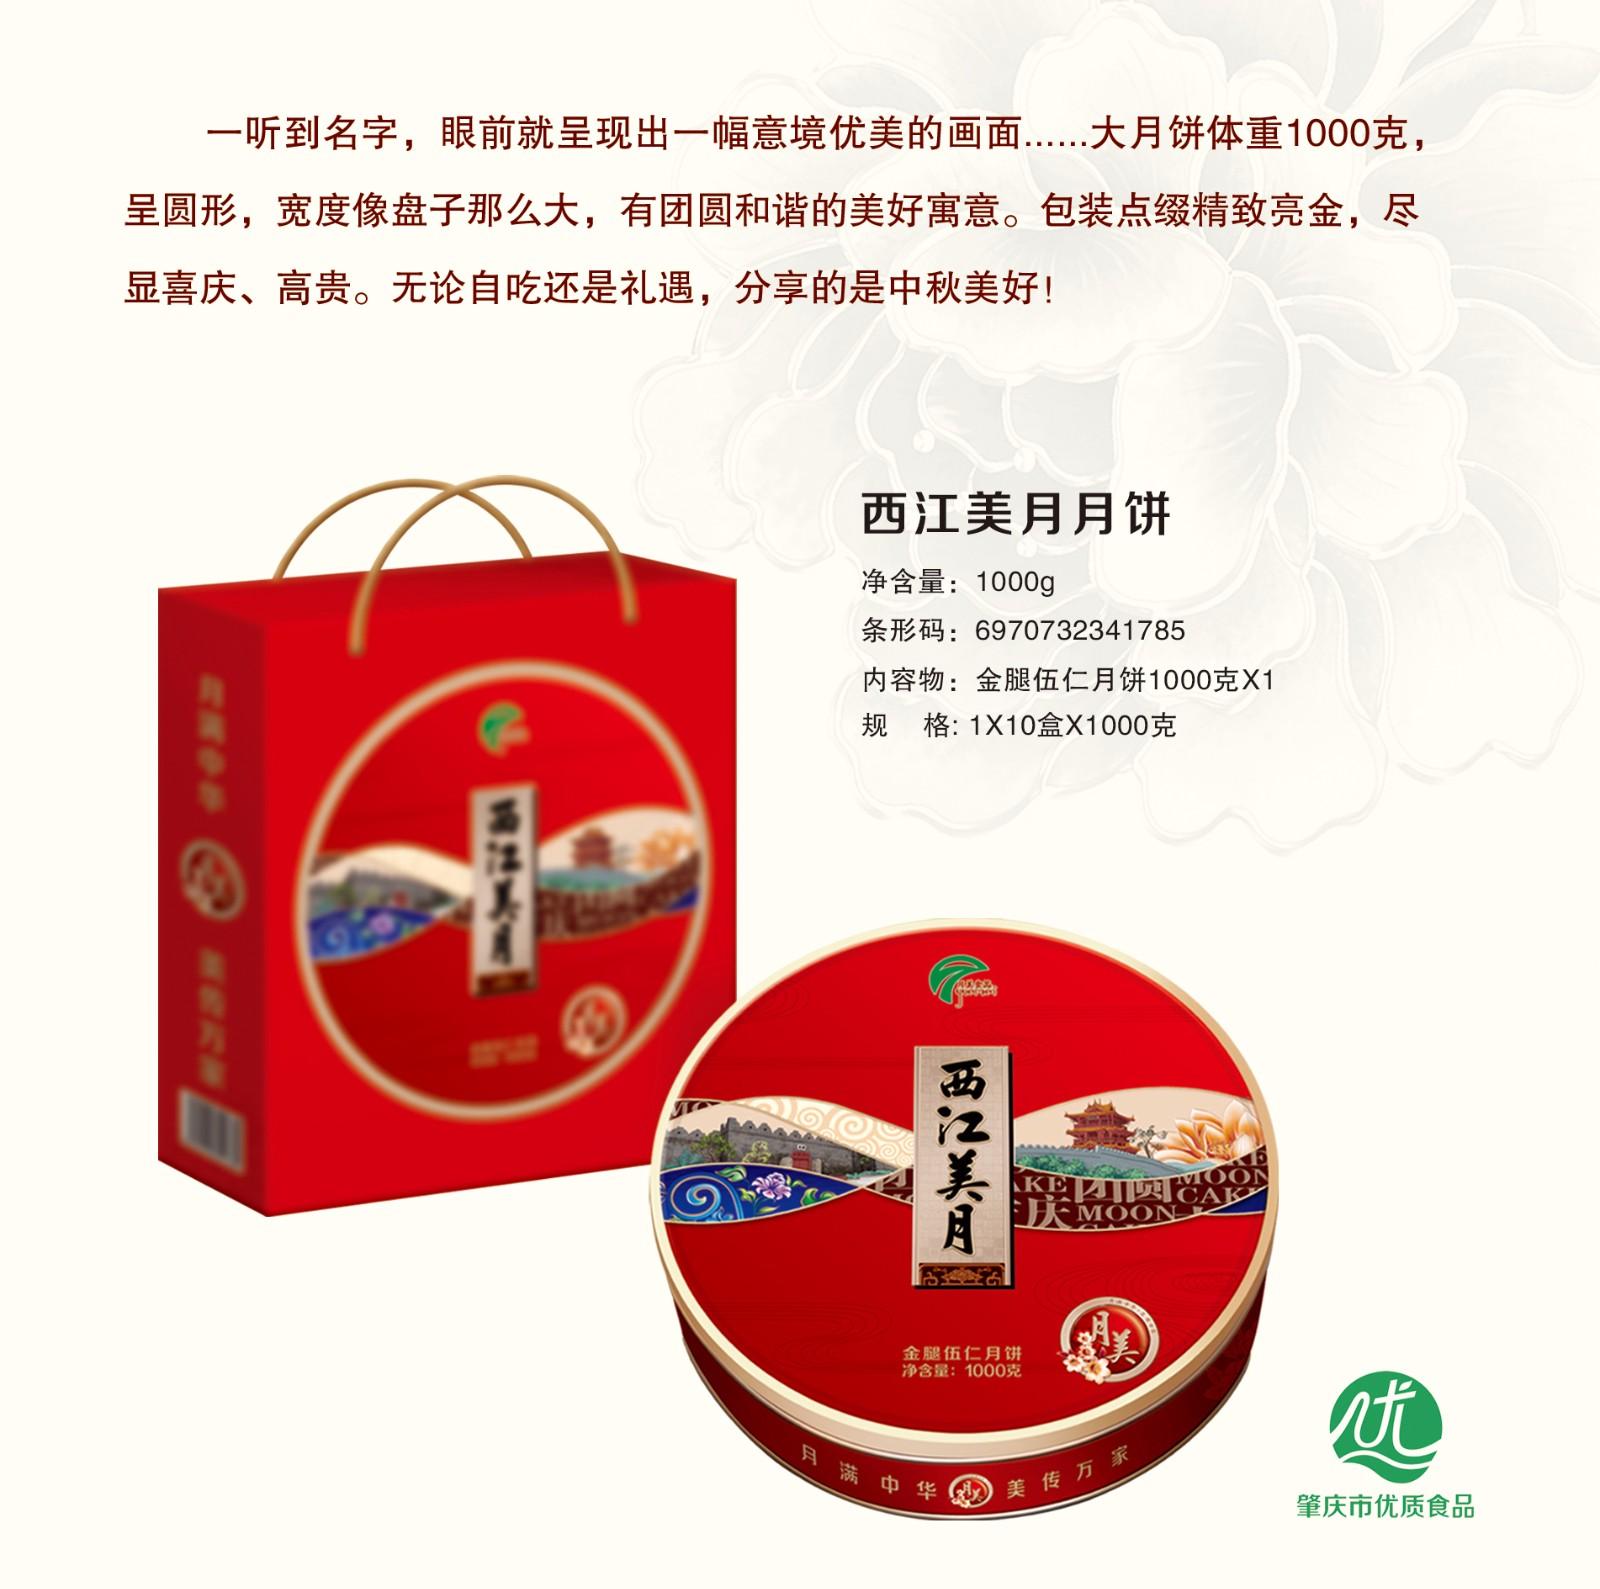 西江美月月餅.jpg